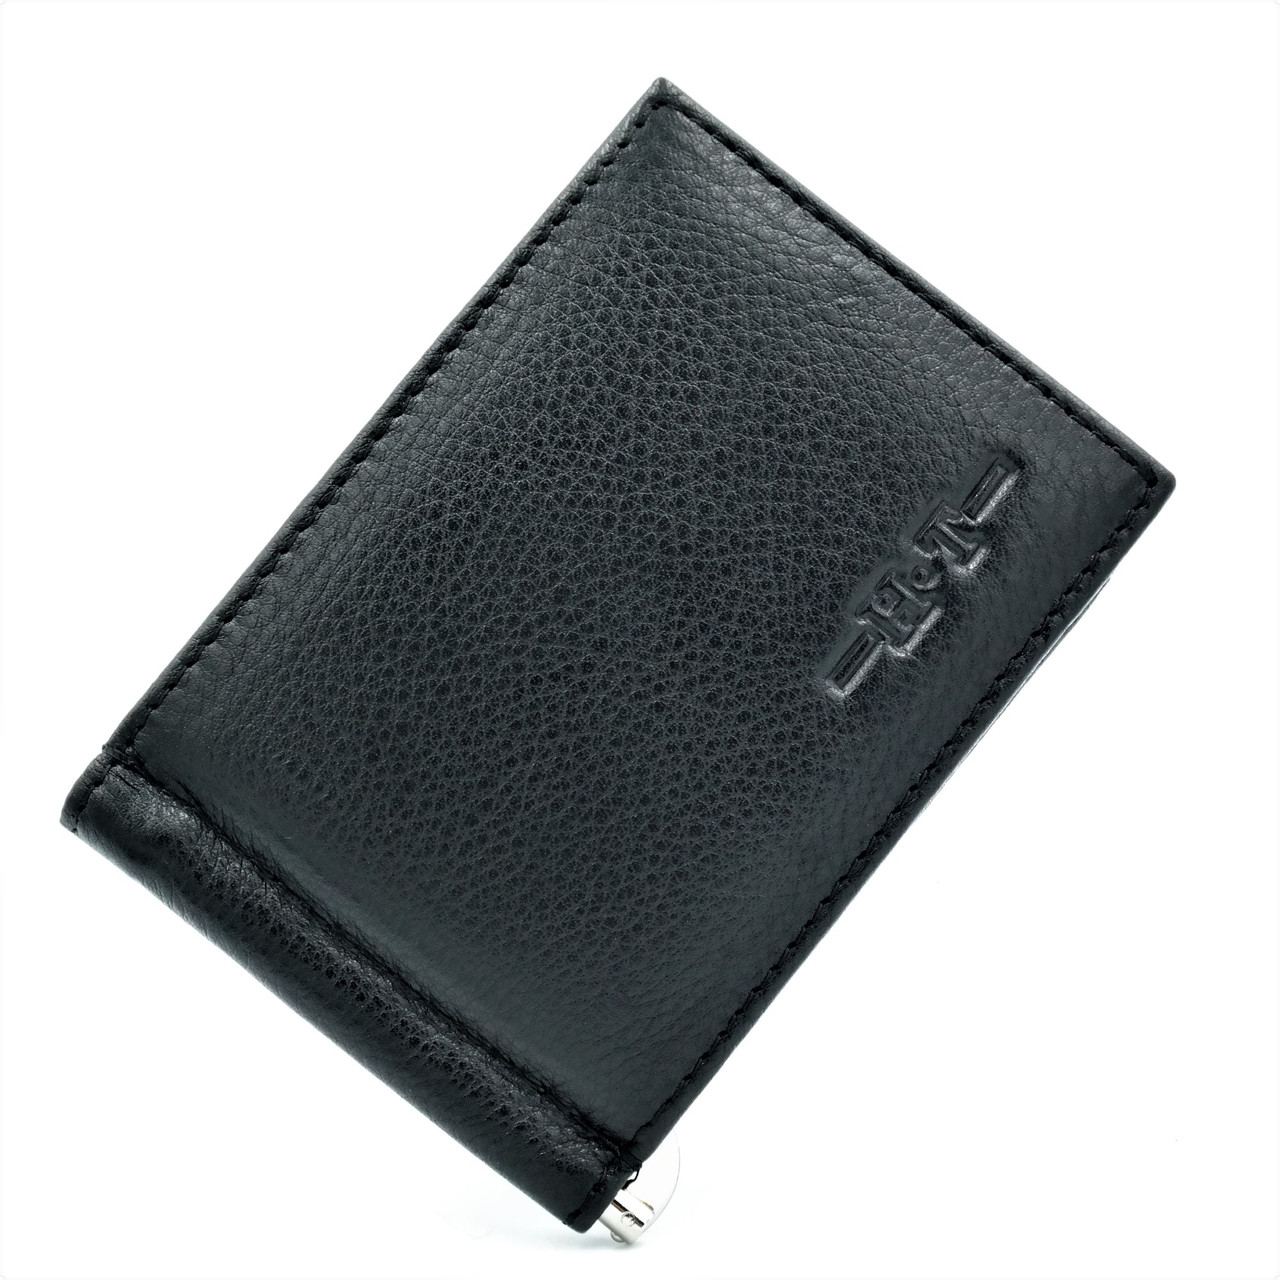 Чоловічий шкіряний затиск Чорного кольору Сучасний якісний гаманець для чоловіка Чоловічий невеликий гаманець